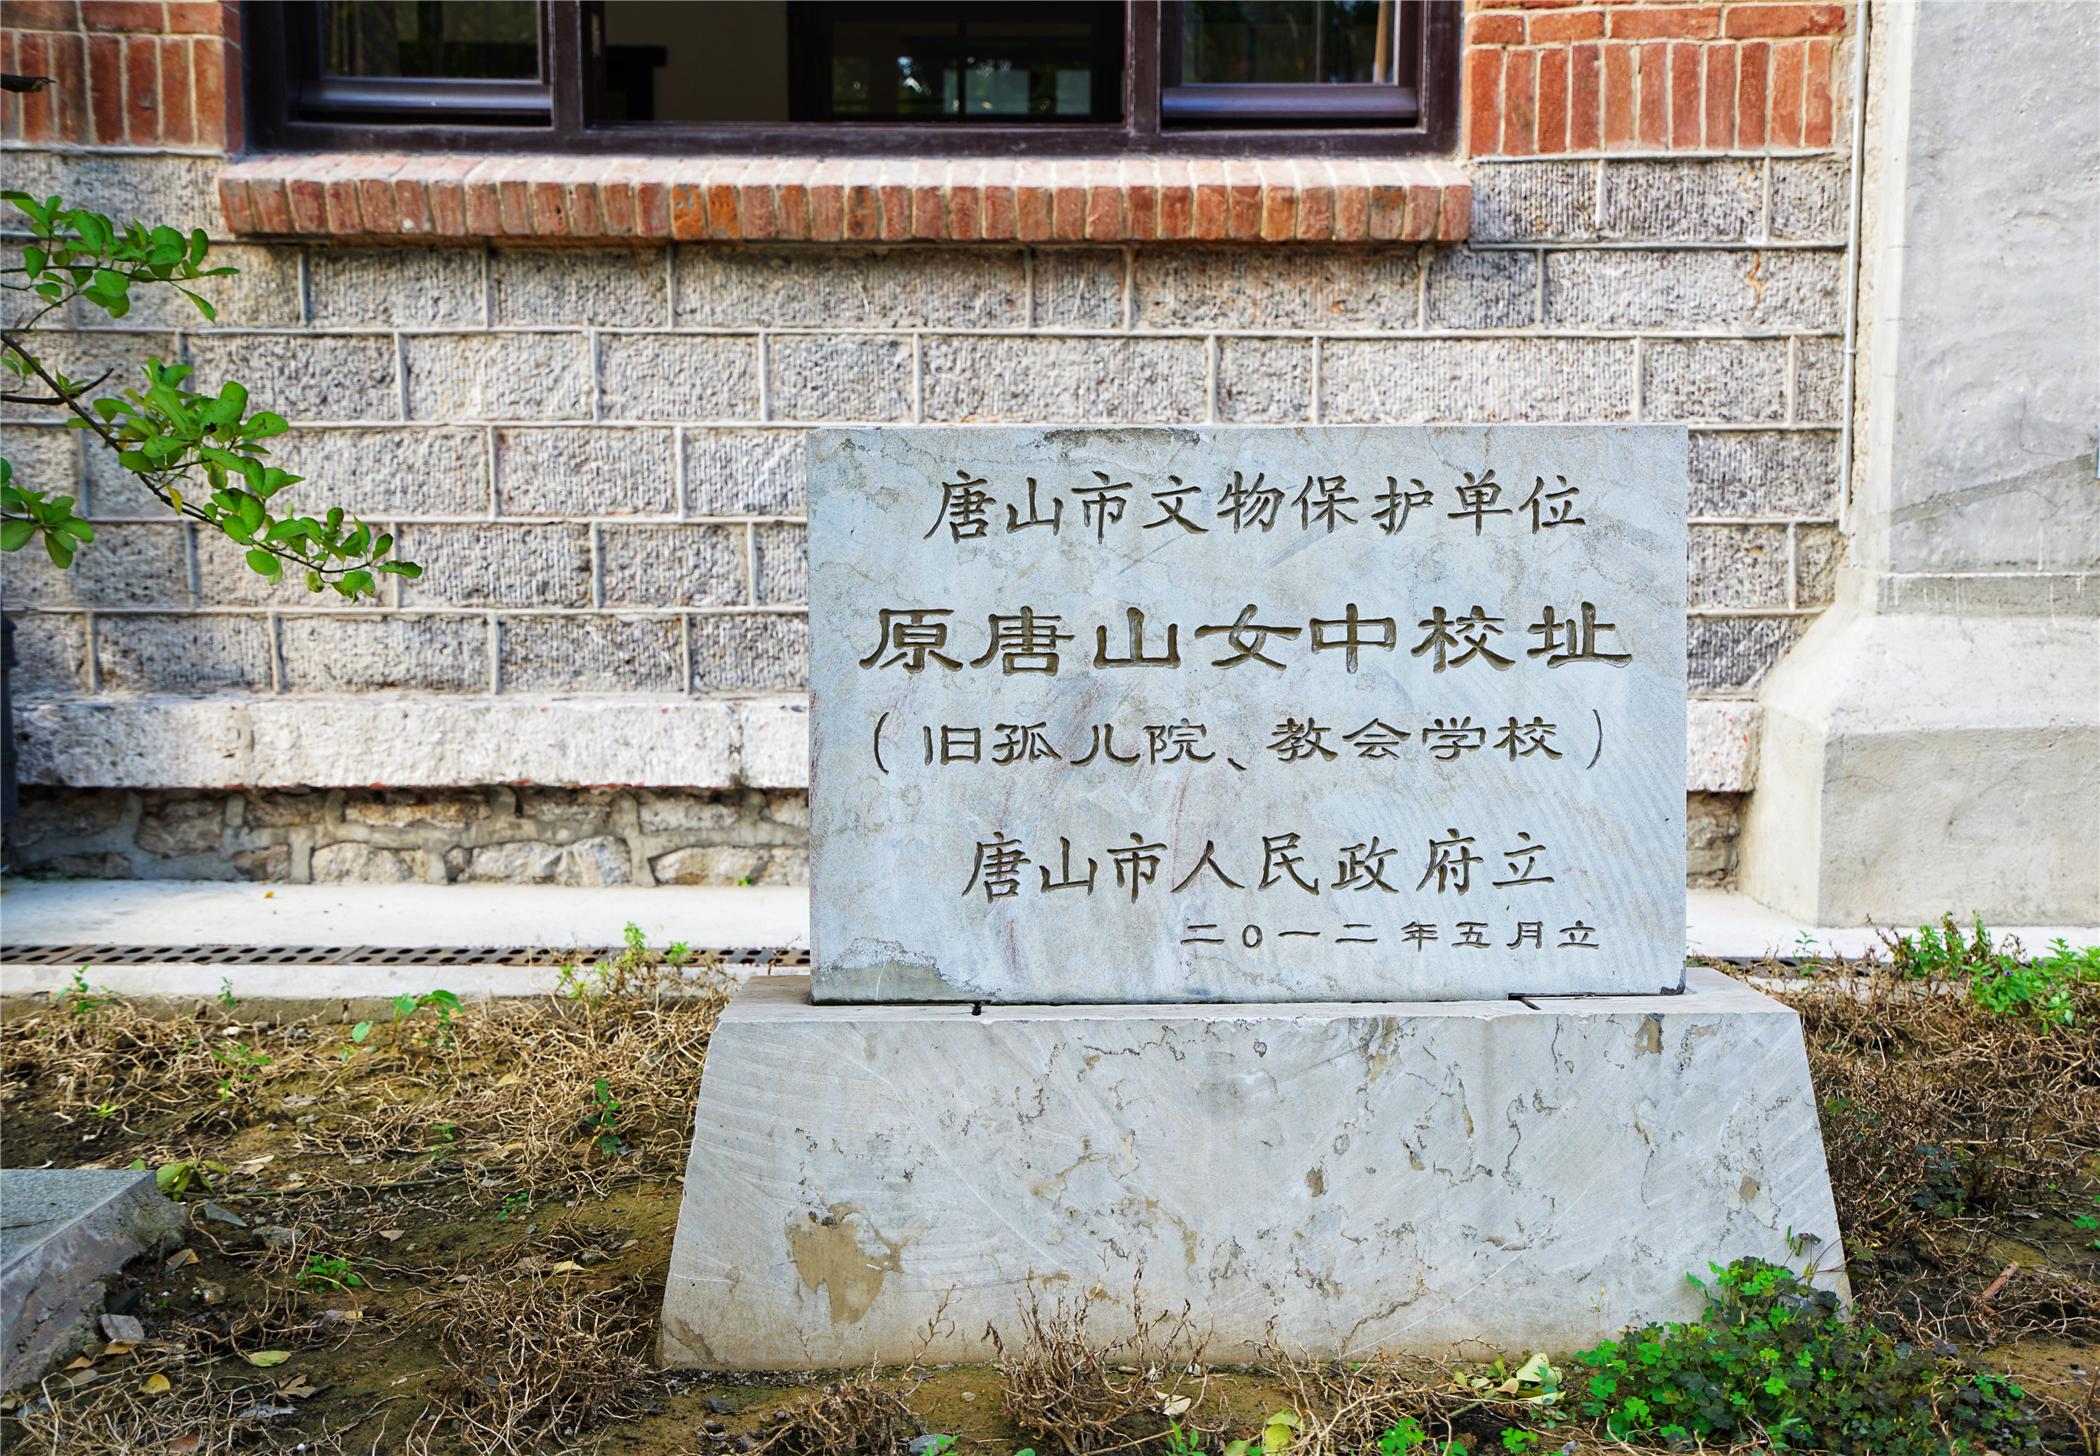 京津冀自驾旅行目的地,奉上一份唐山吃喝玩乐全攻略